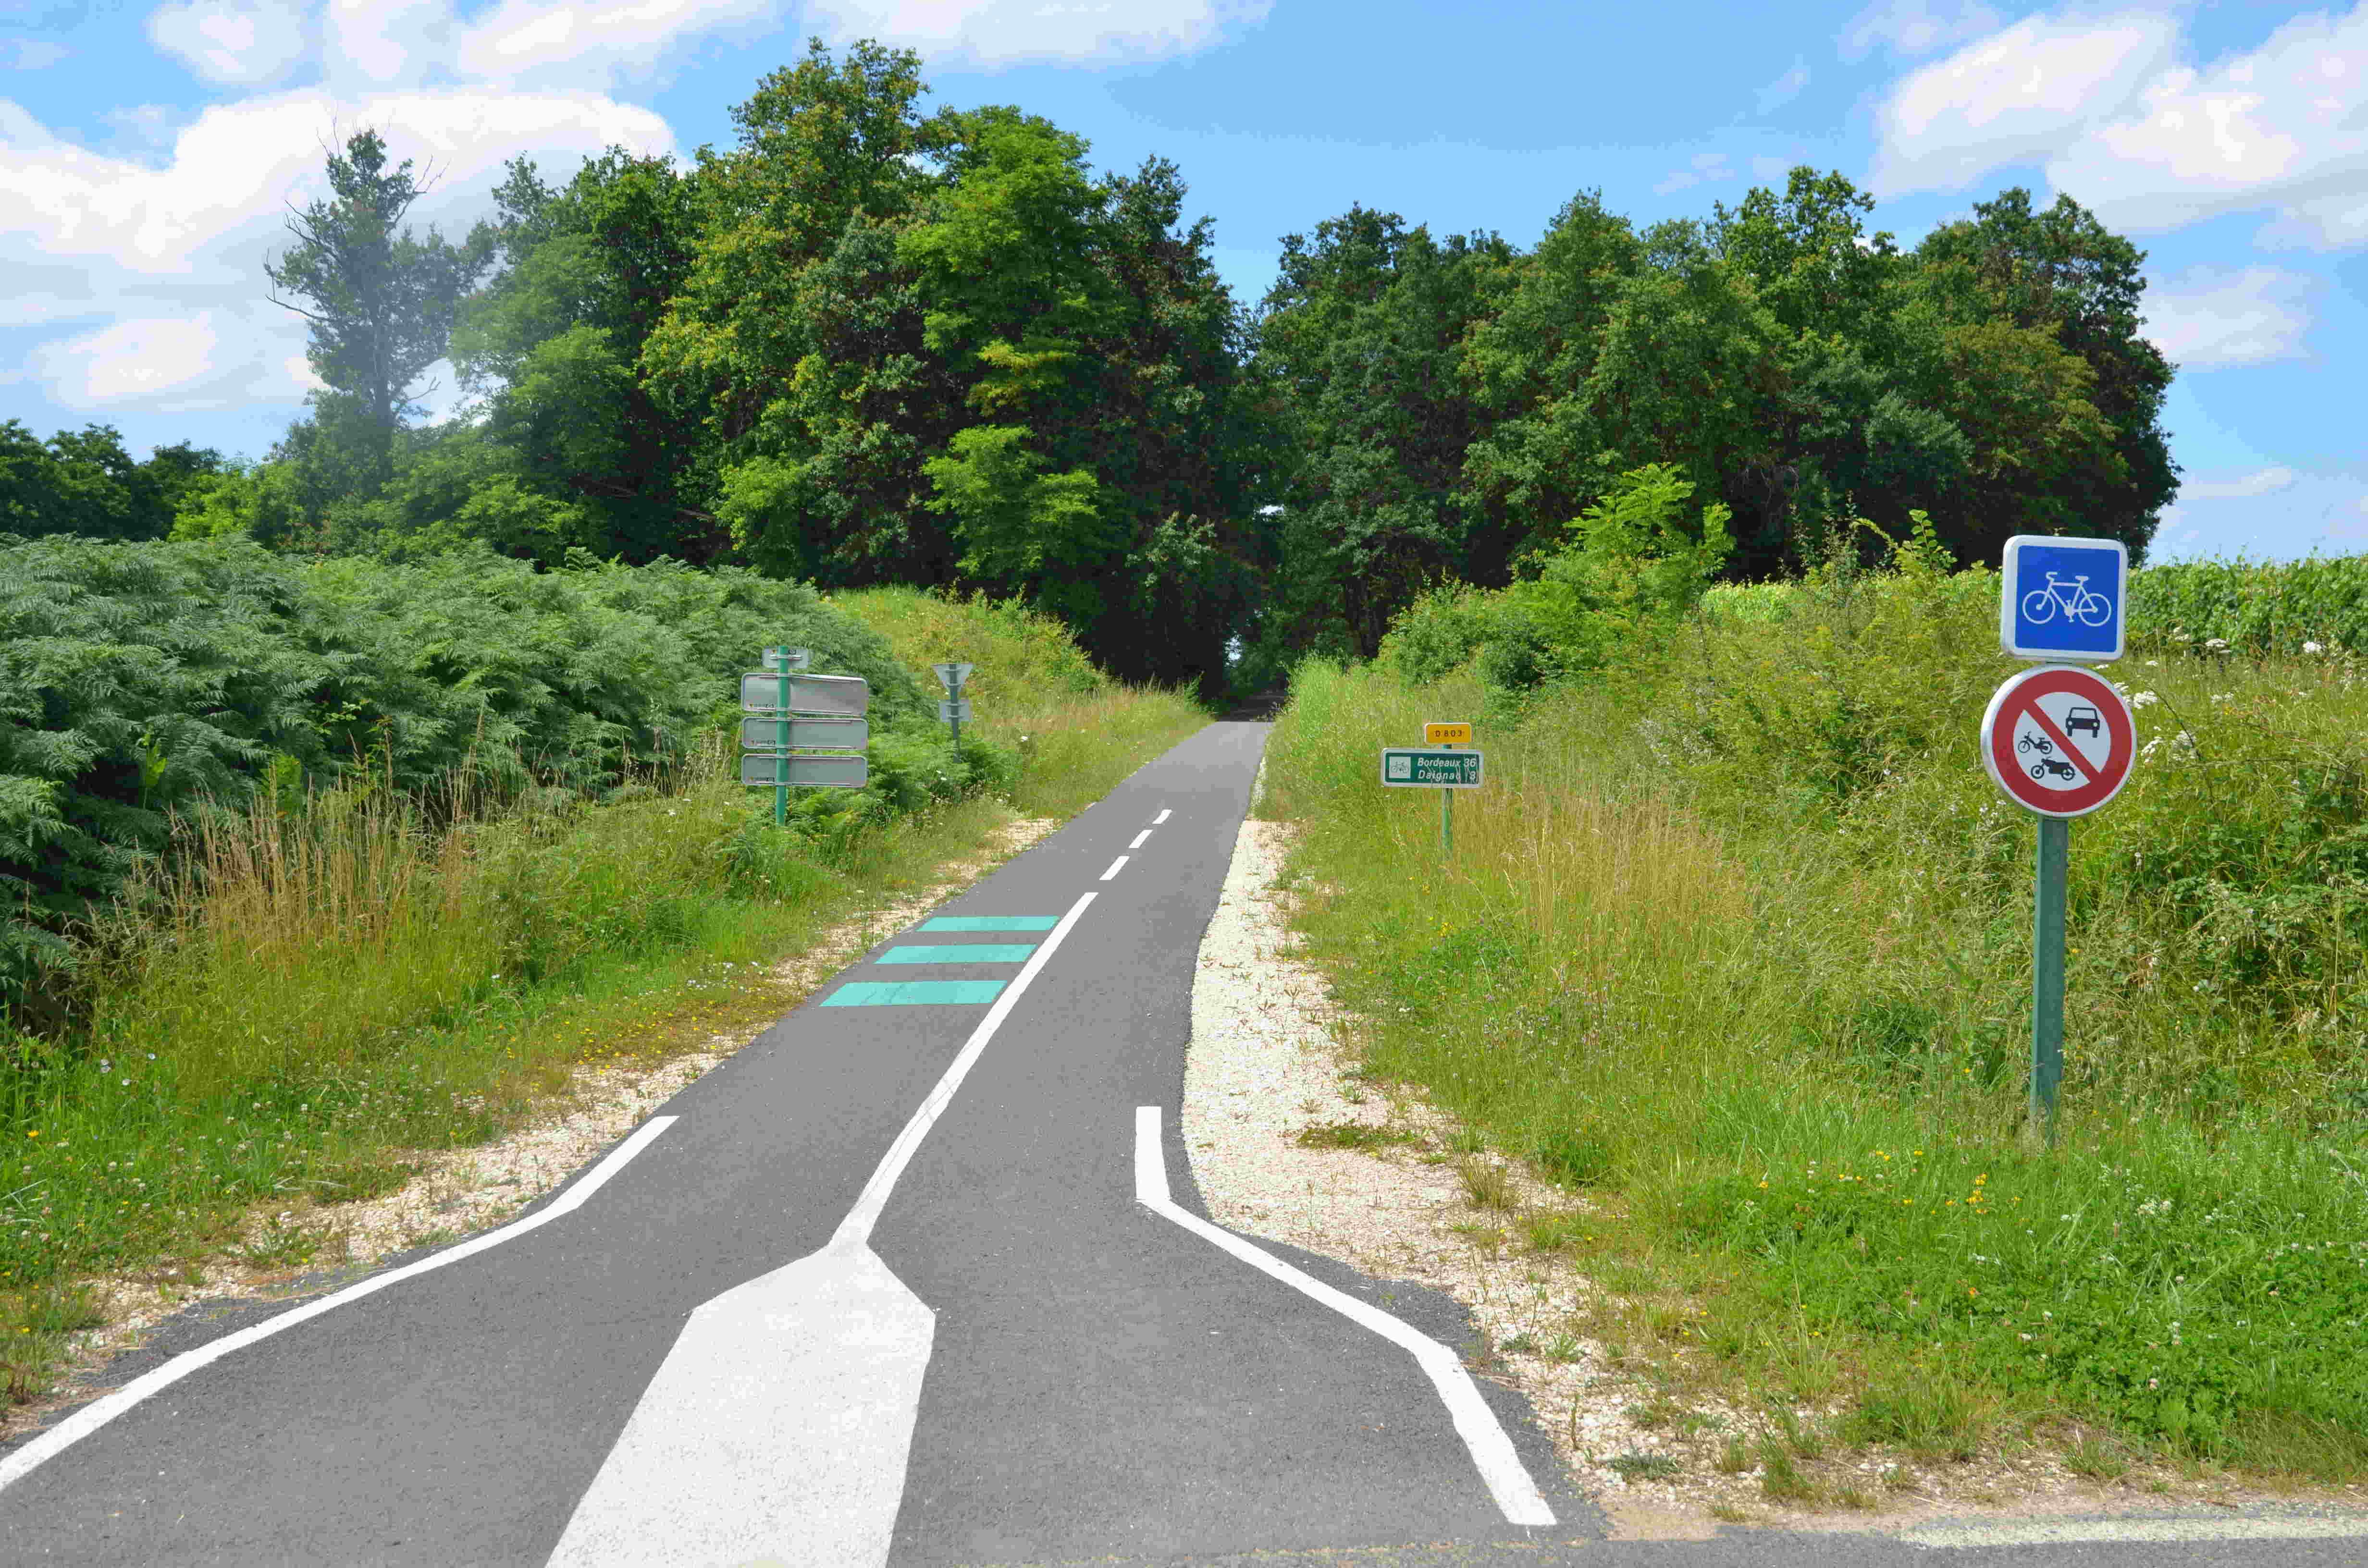 Balisage de la voie verte